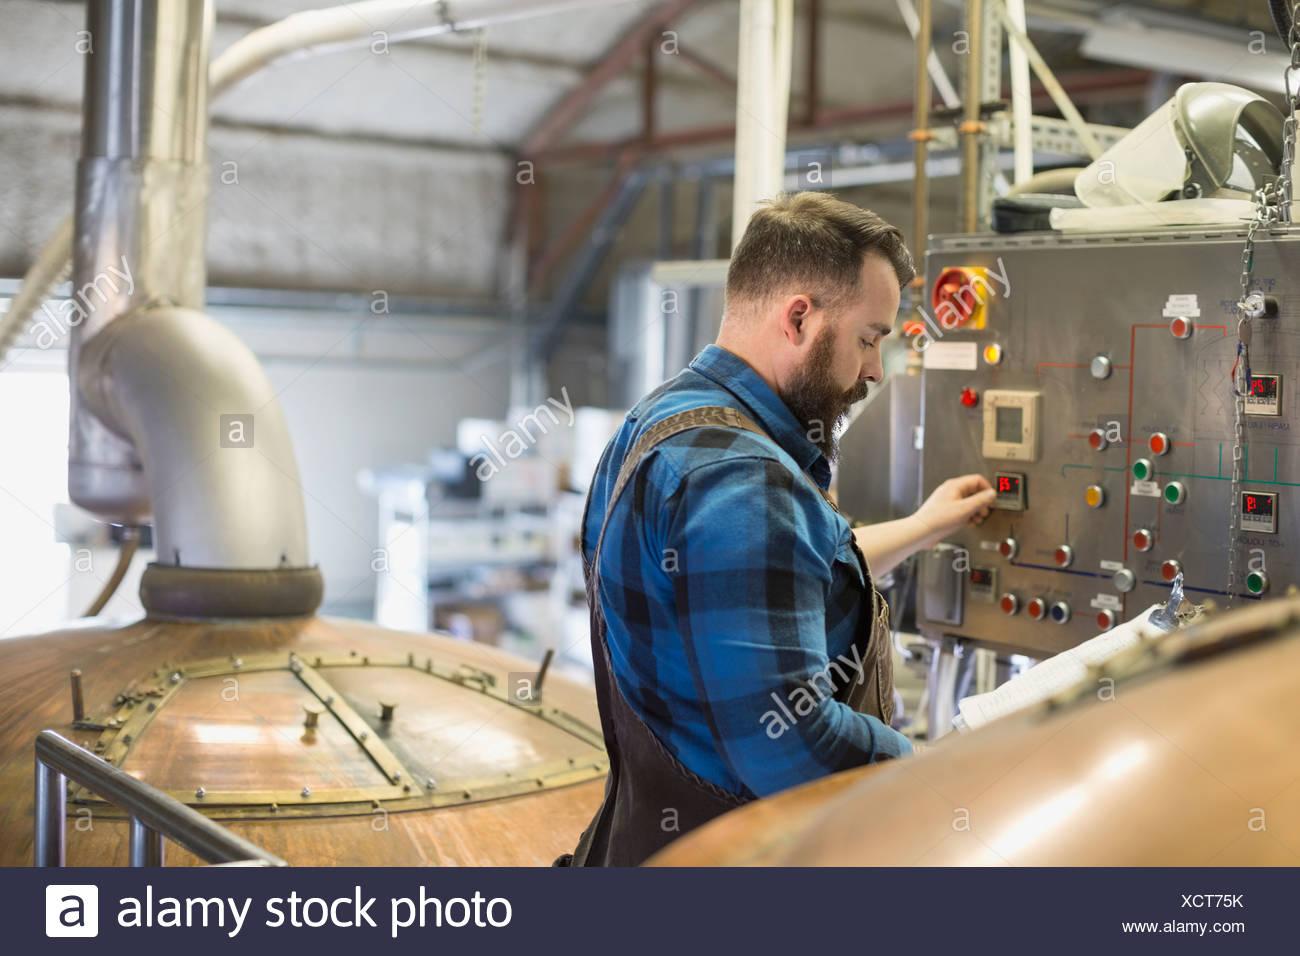 Brauerei-Arbeiter am Bedienfeld in der Nähe von Destillierapparaten aus Kupfer Stockbild